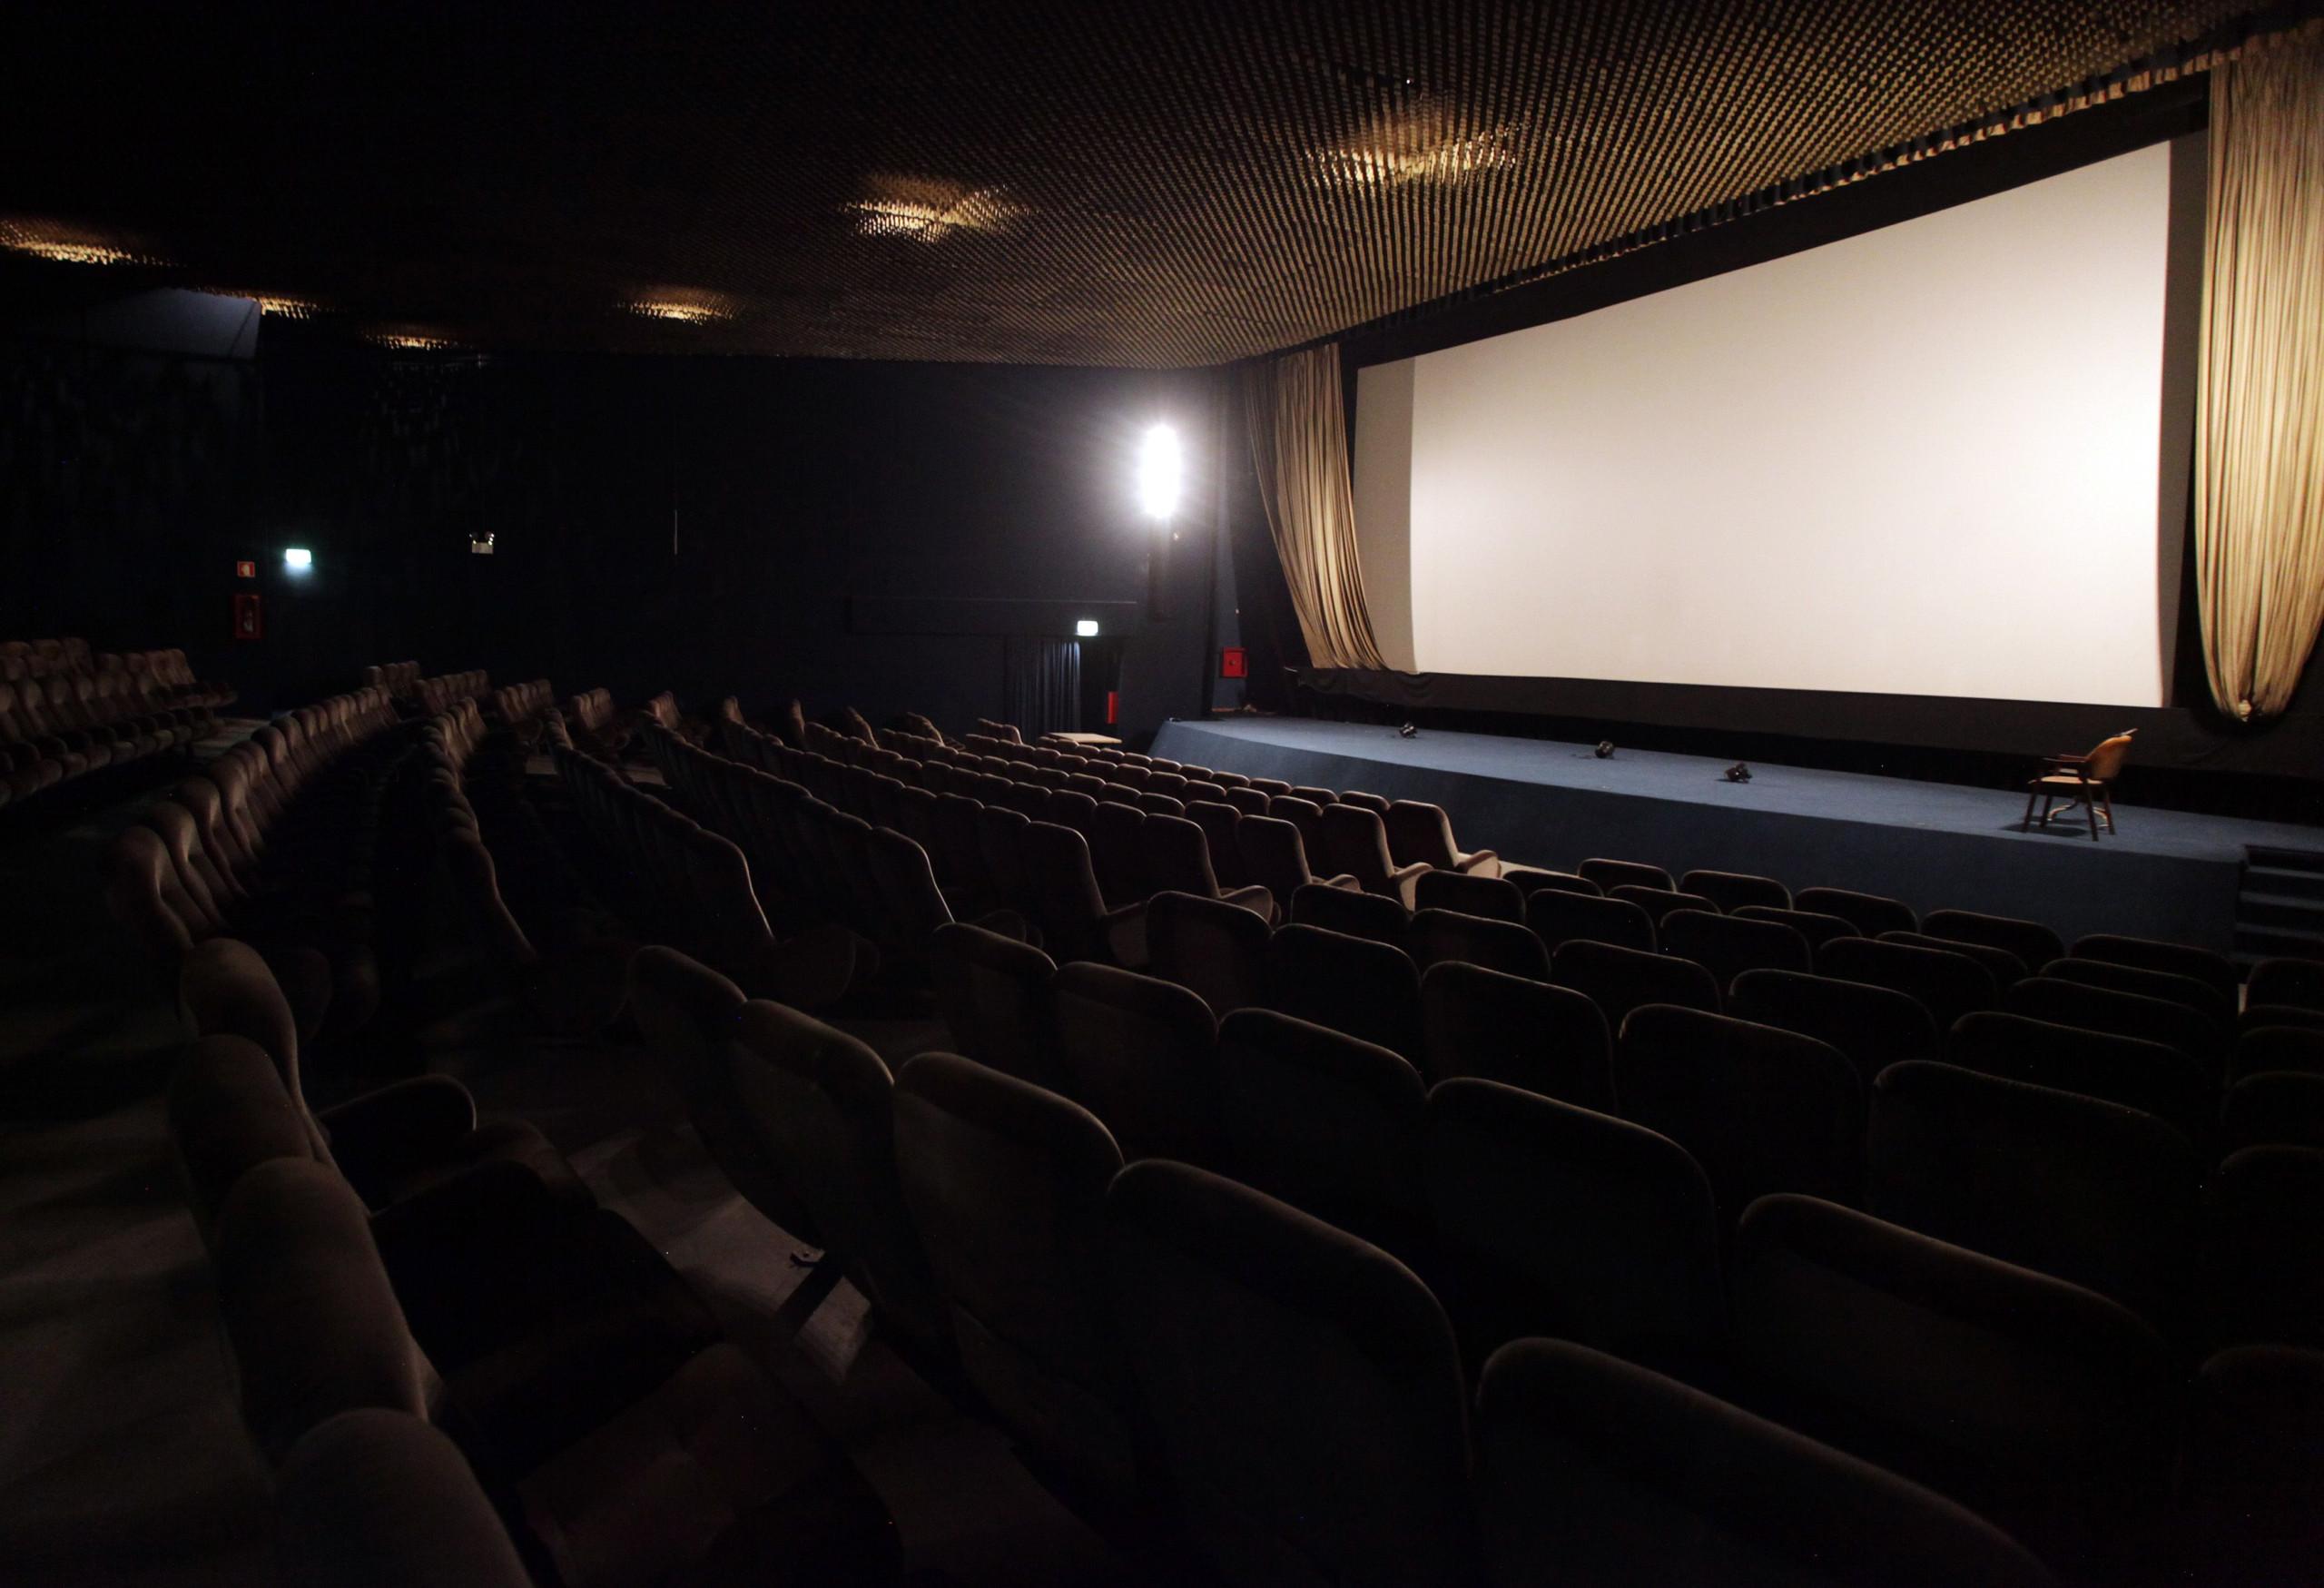 Os cinemas tiveram mais espectadores em outubro mas 2018 é de perda